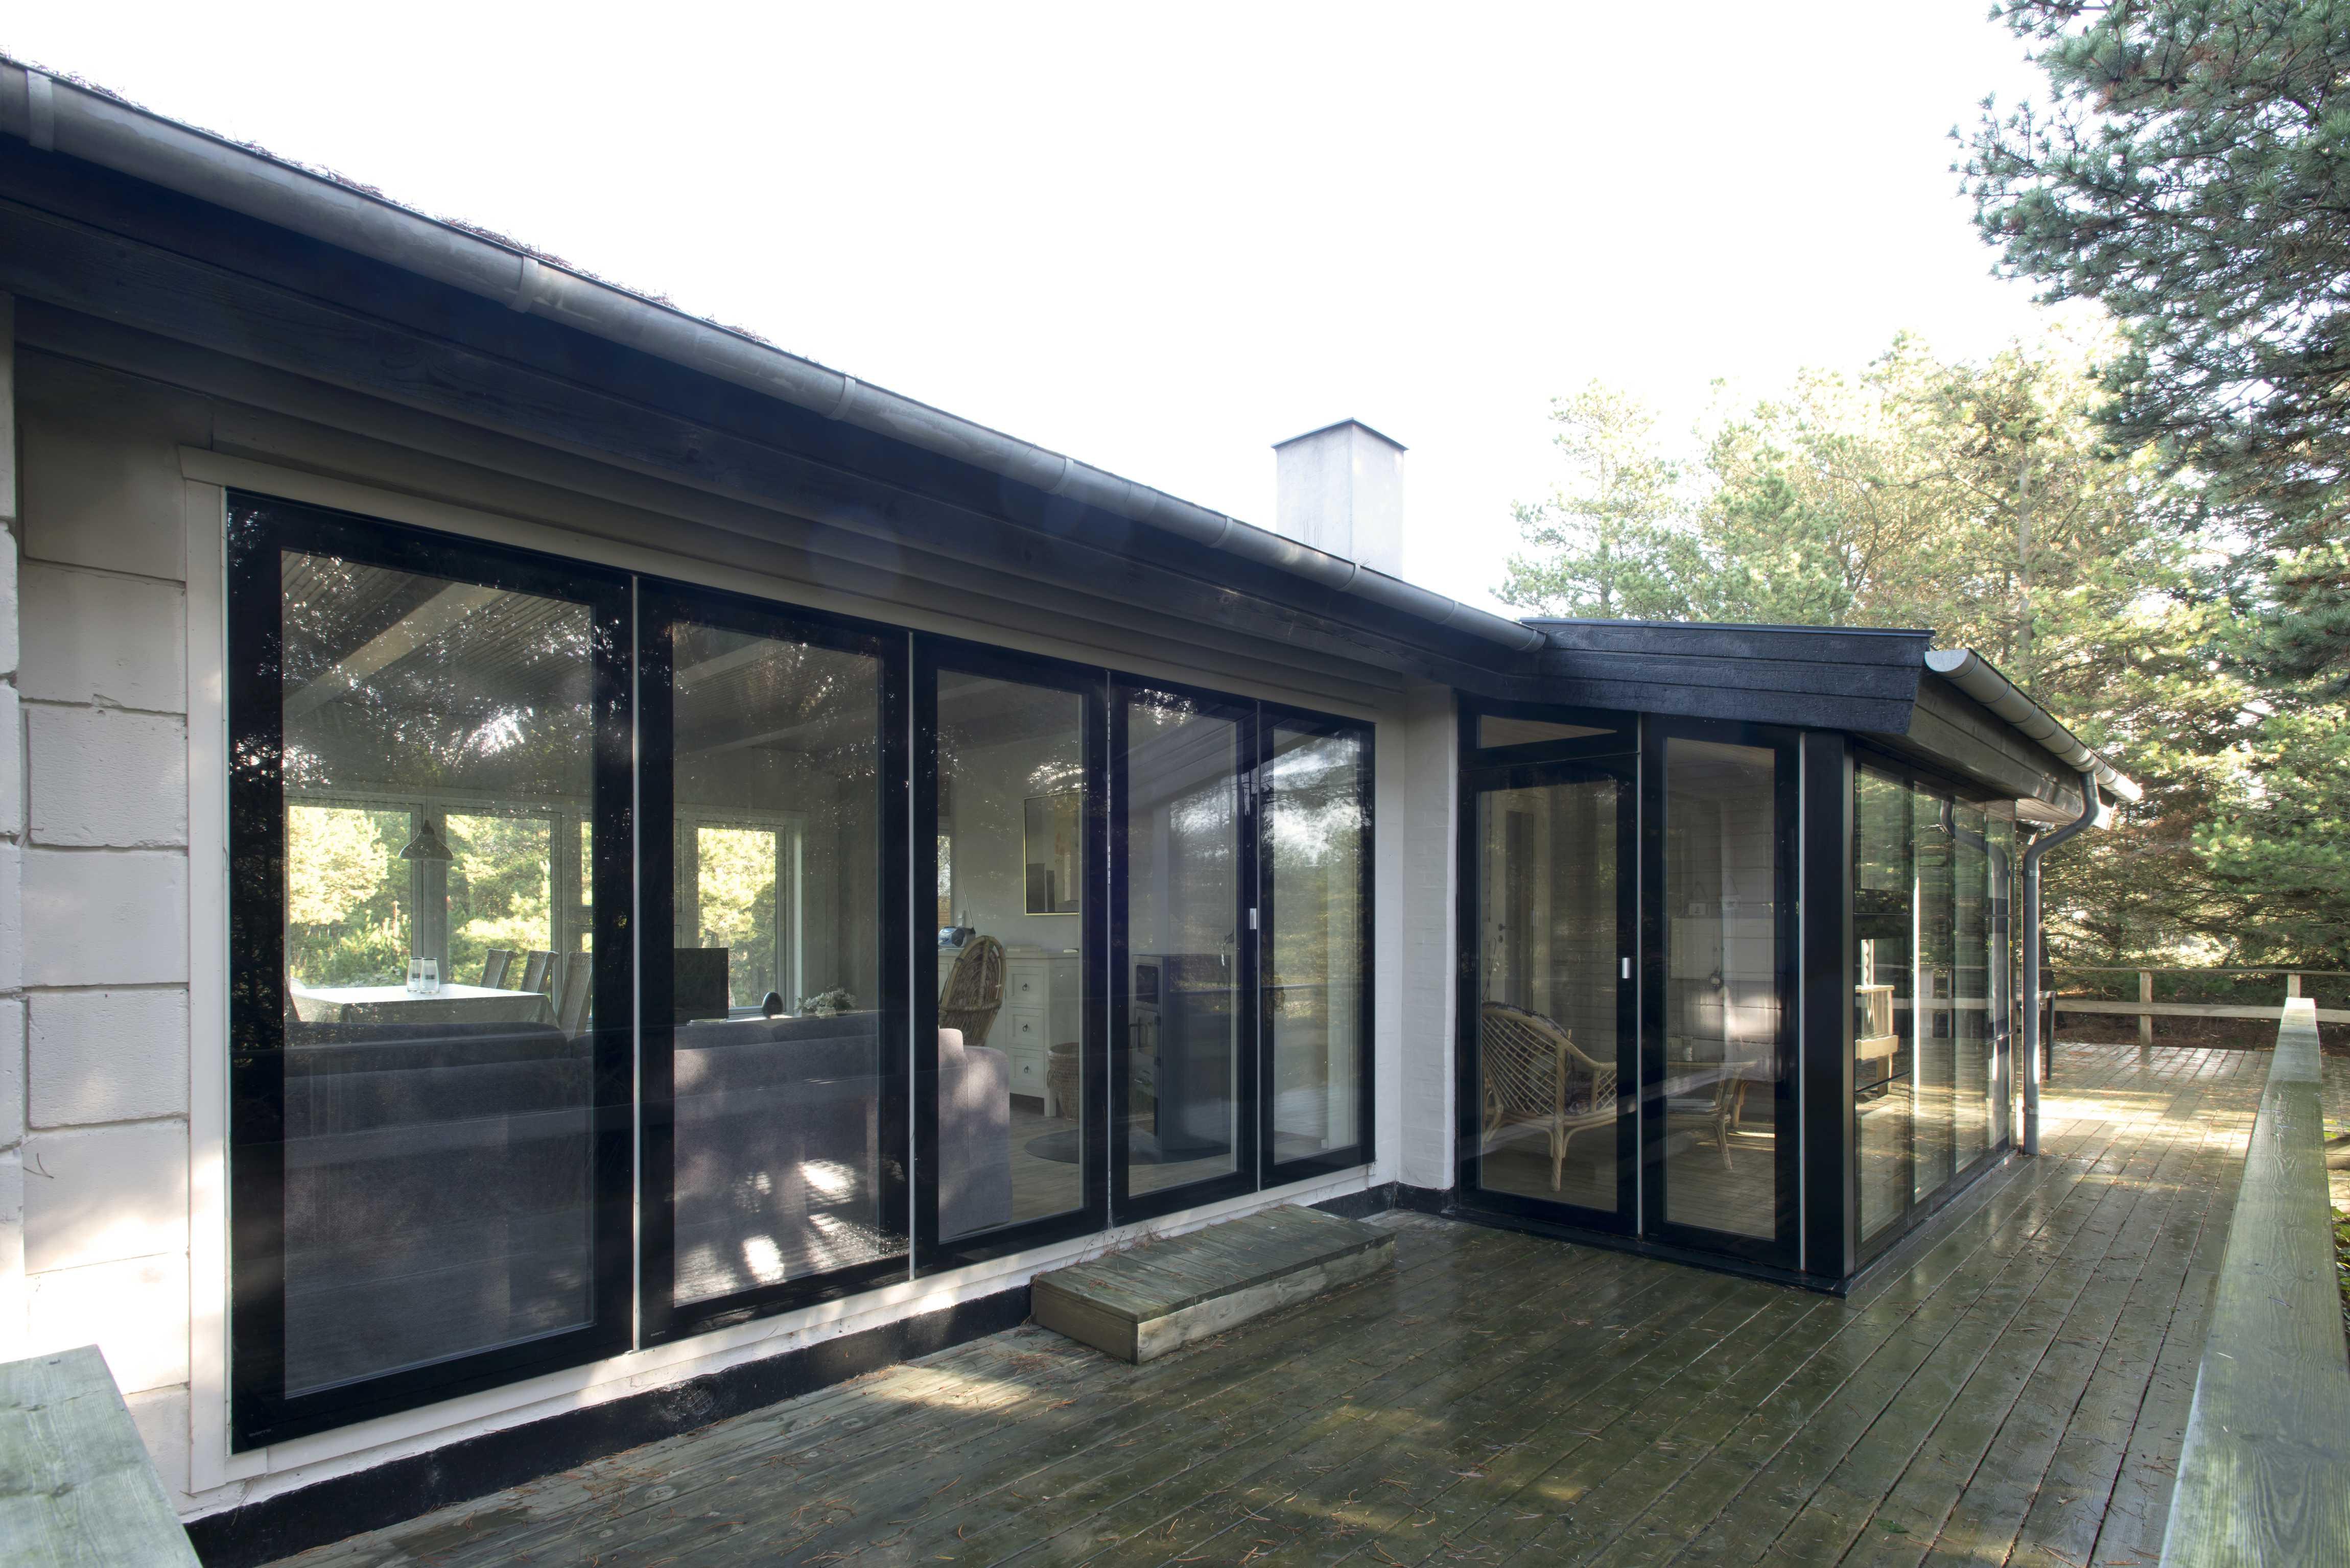 Fenster modern Design Svarre 2